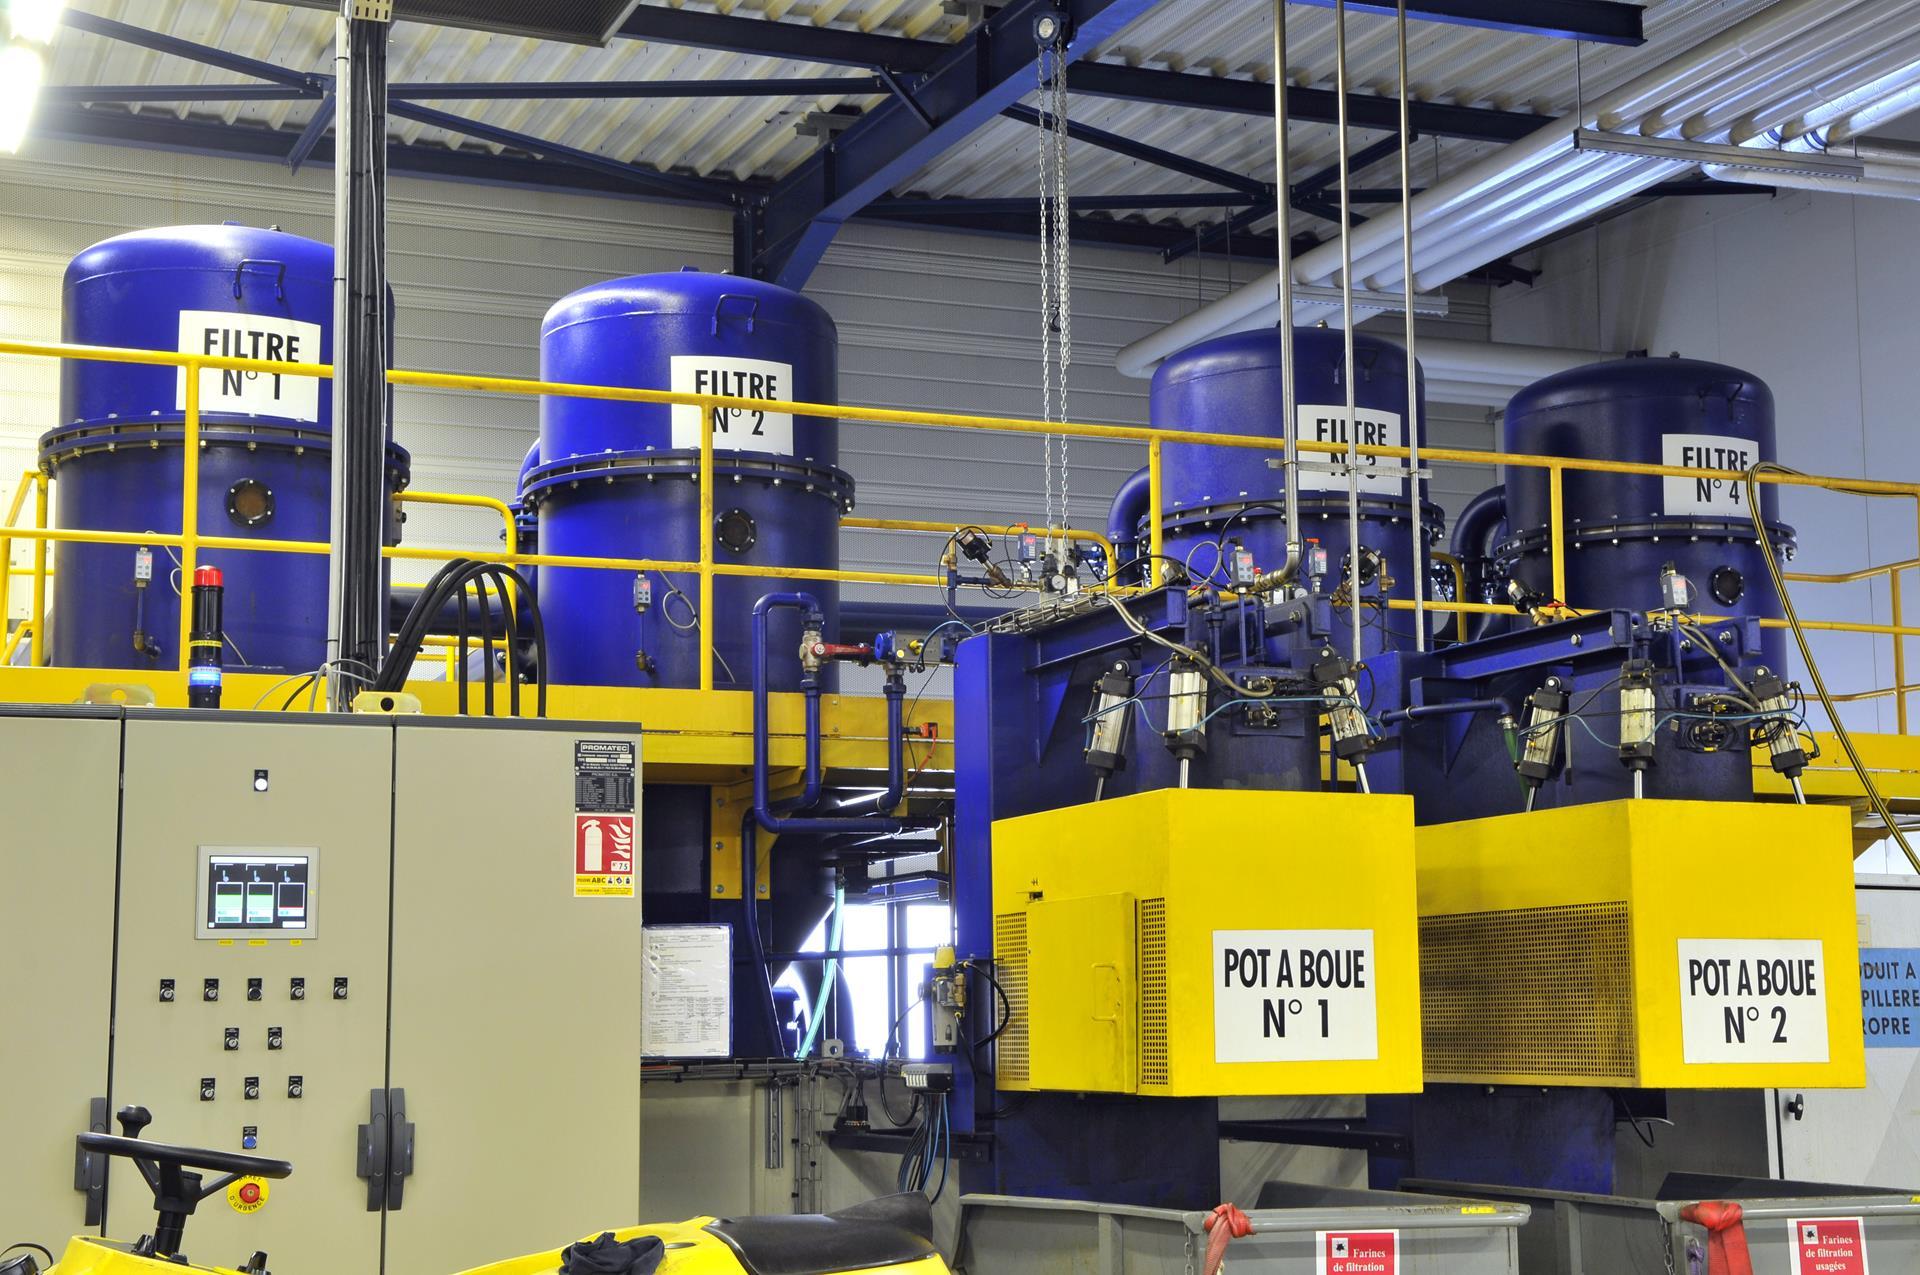 Station de traitement des huiles (collecte, filtration et dépollution)